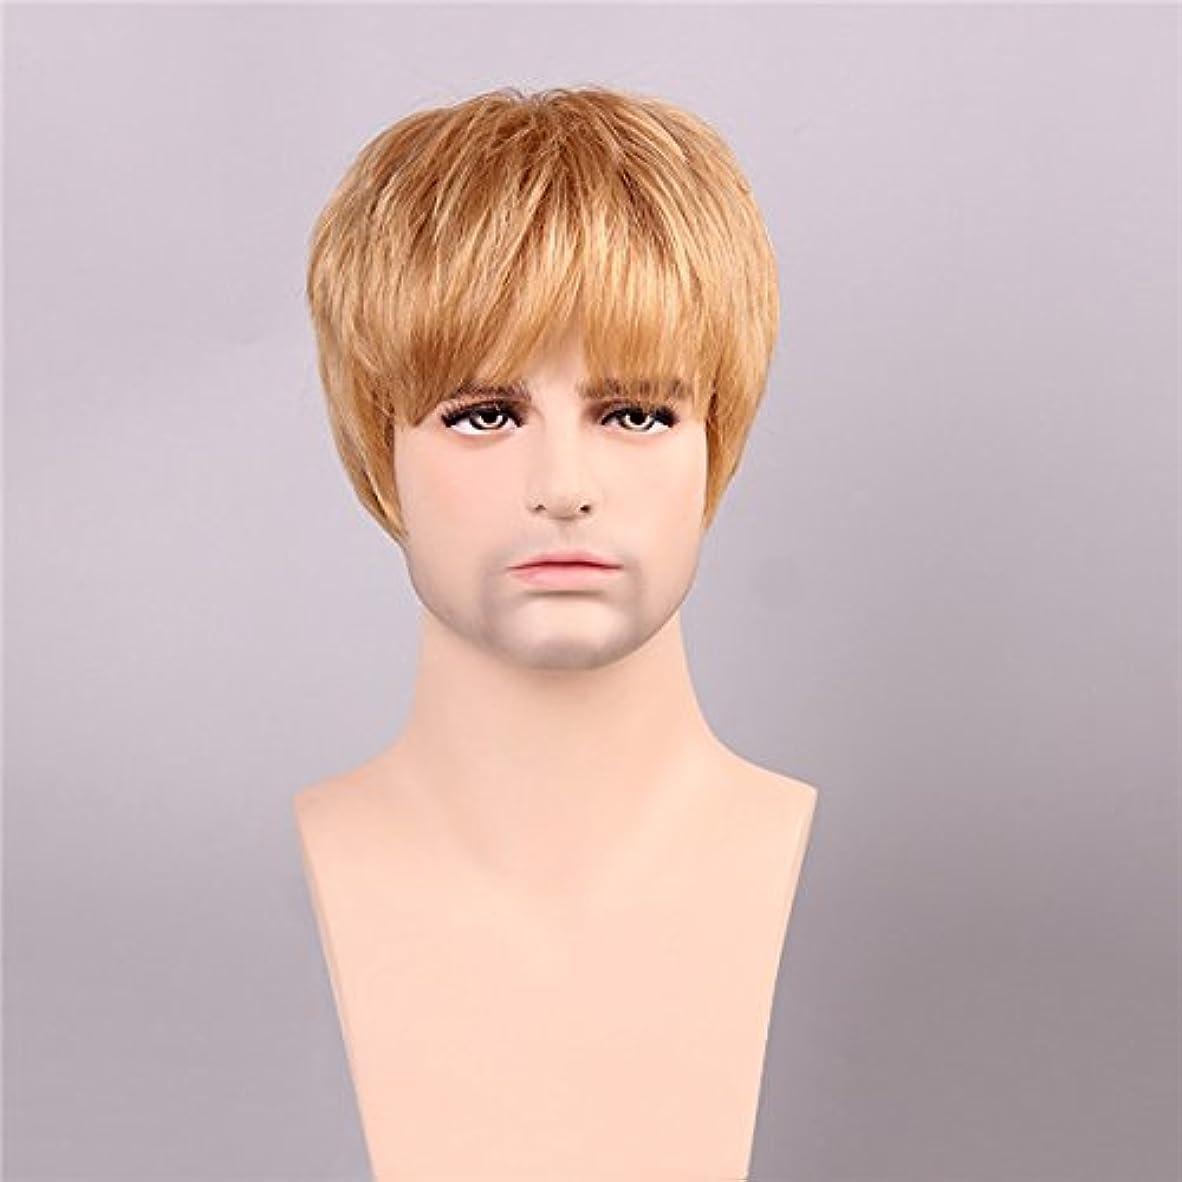 みすぼらしいなる一族YZUEYT 男性の人間の髪のウィッグゴールデンブラウンブロンドショートモノラルトップ男性男性レミーCapless YZUEYT (Size : One size)